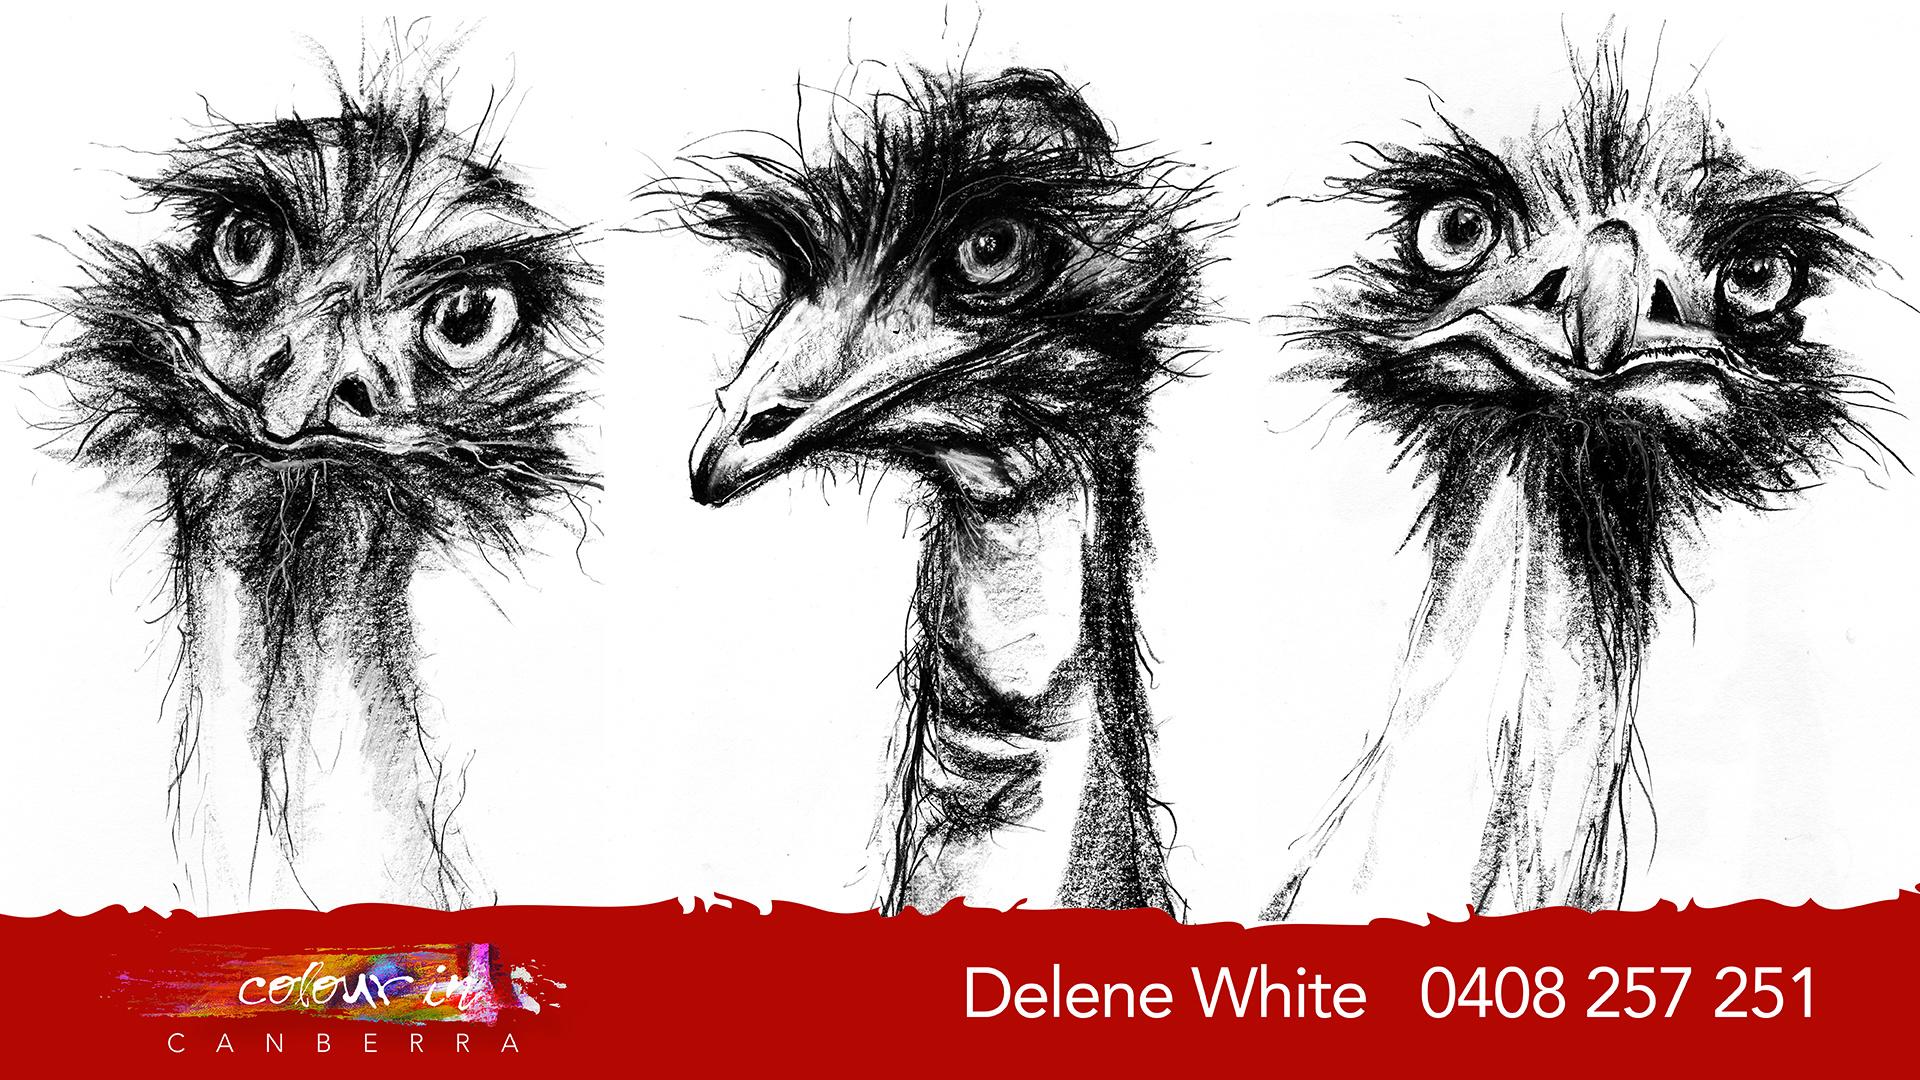 Delene White